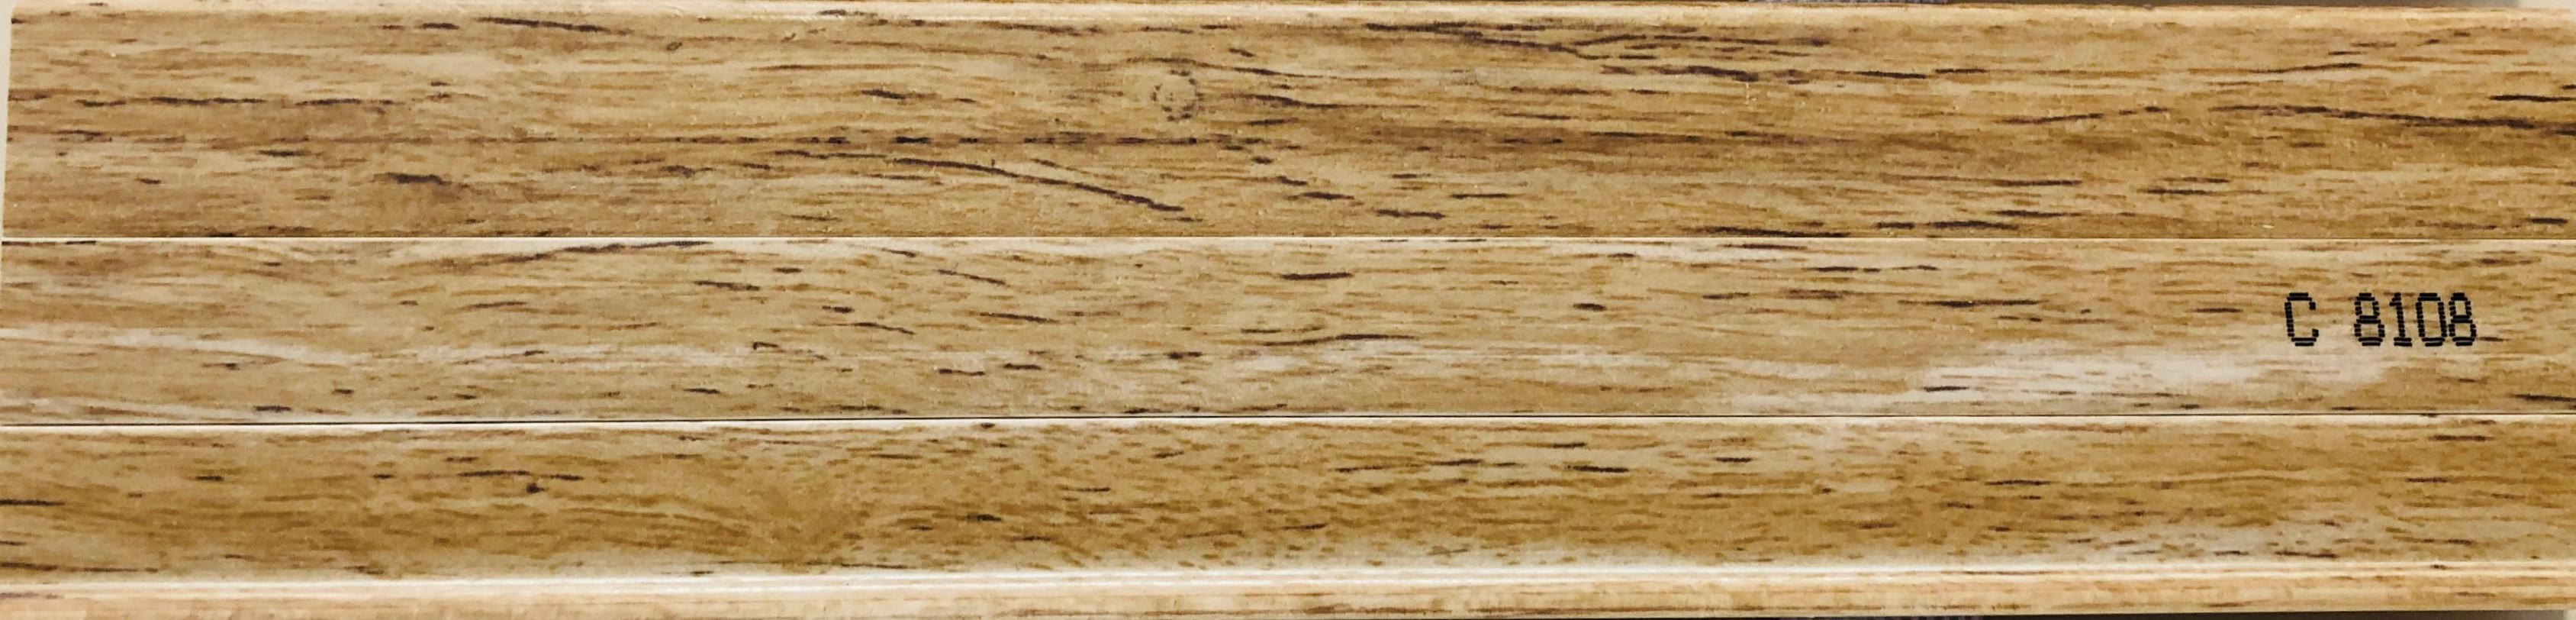 Lišta originál Rigid Vinyl Floor Dub medový C8108